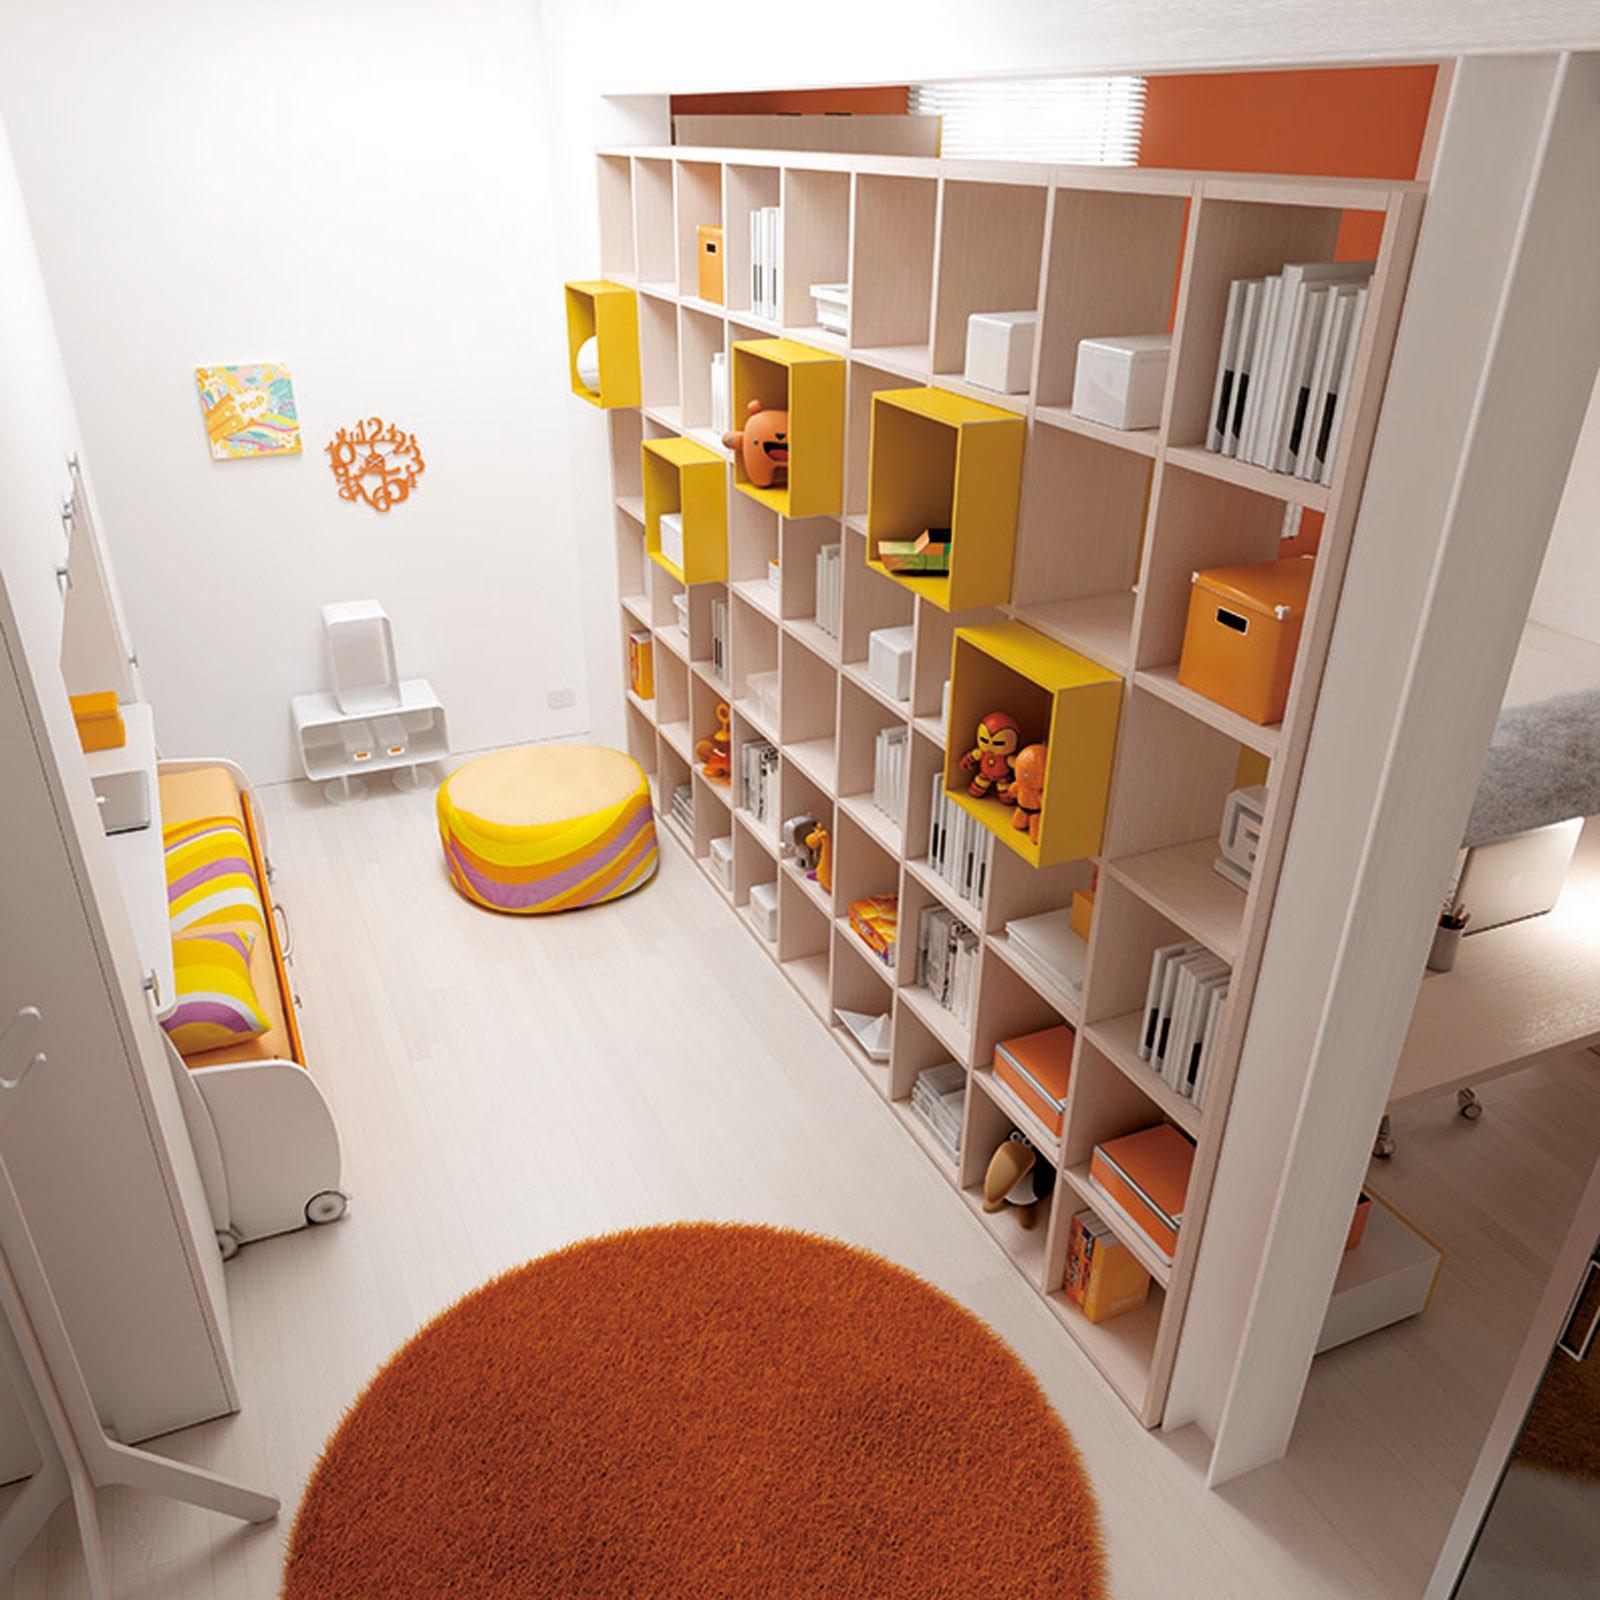 libreria Outline viene proposta per dividere e schermare due ambienti ...